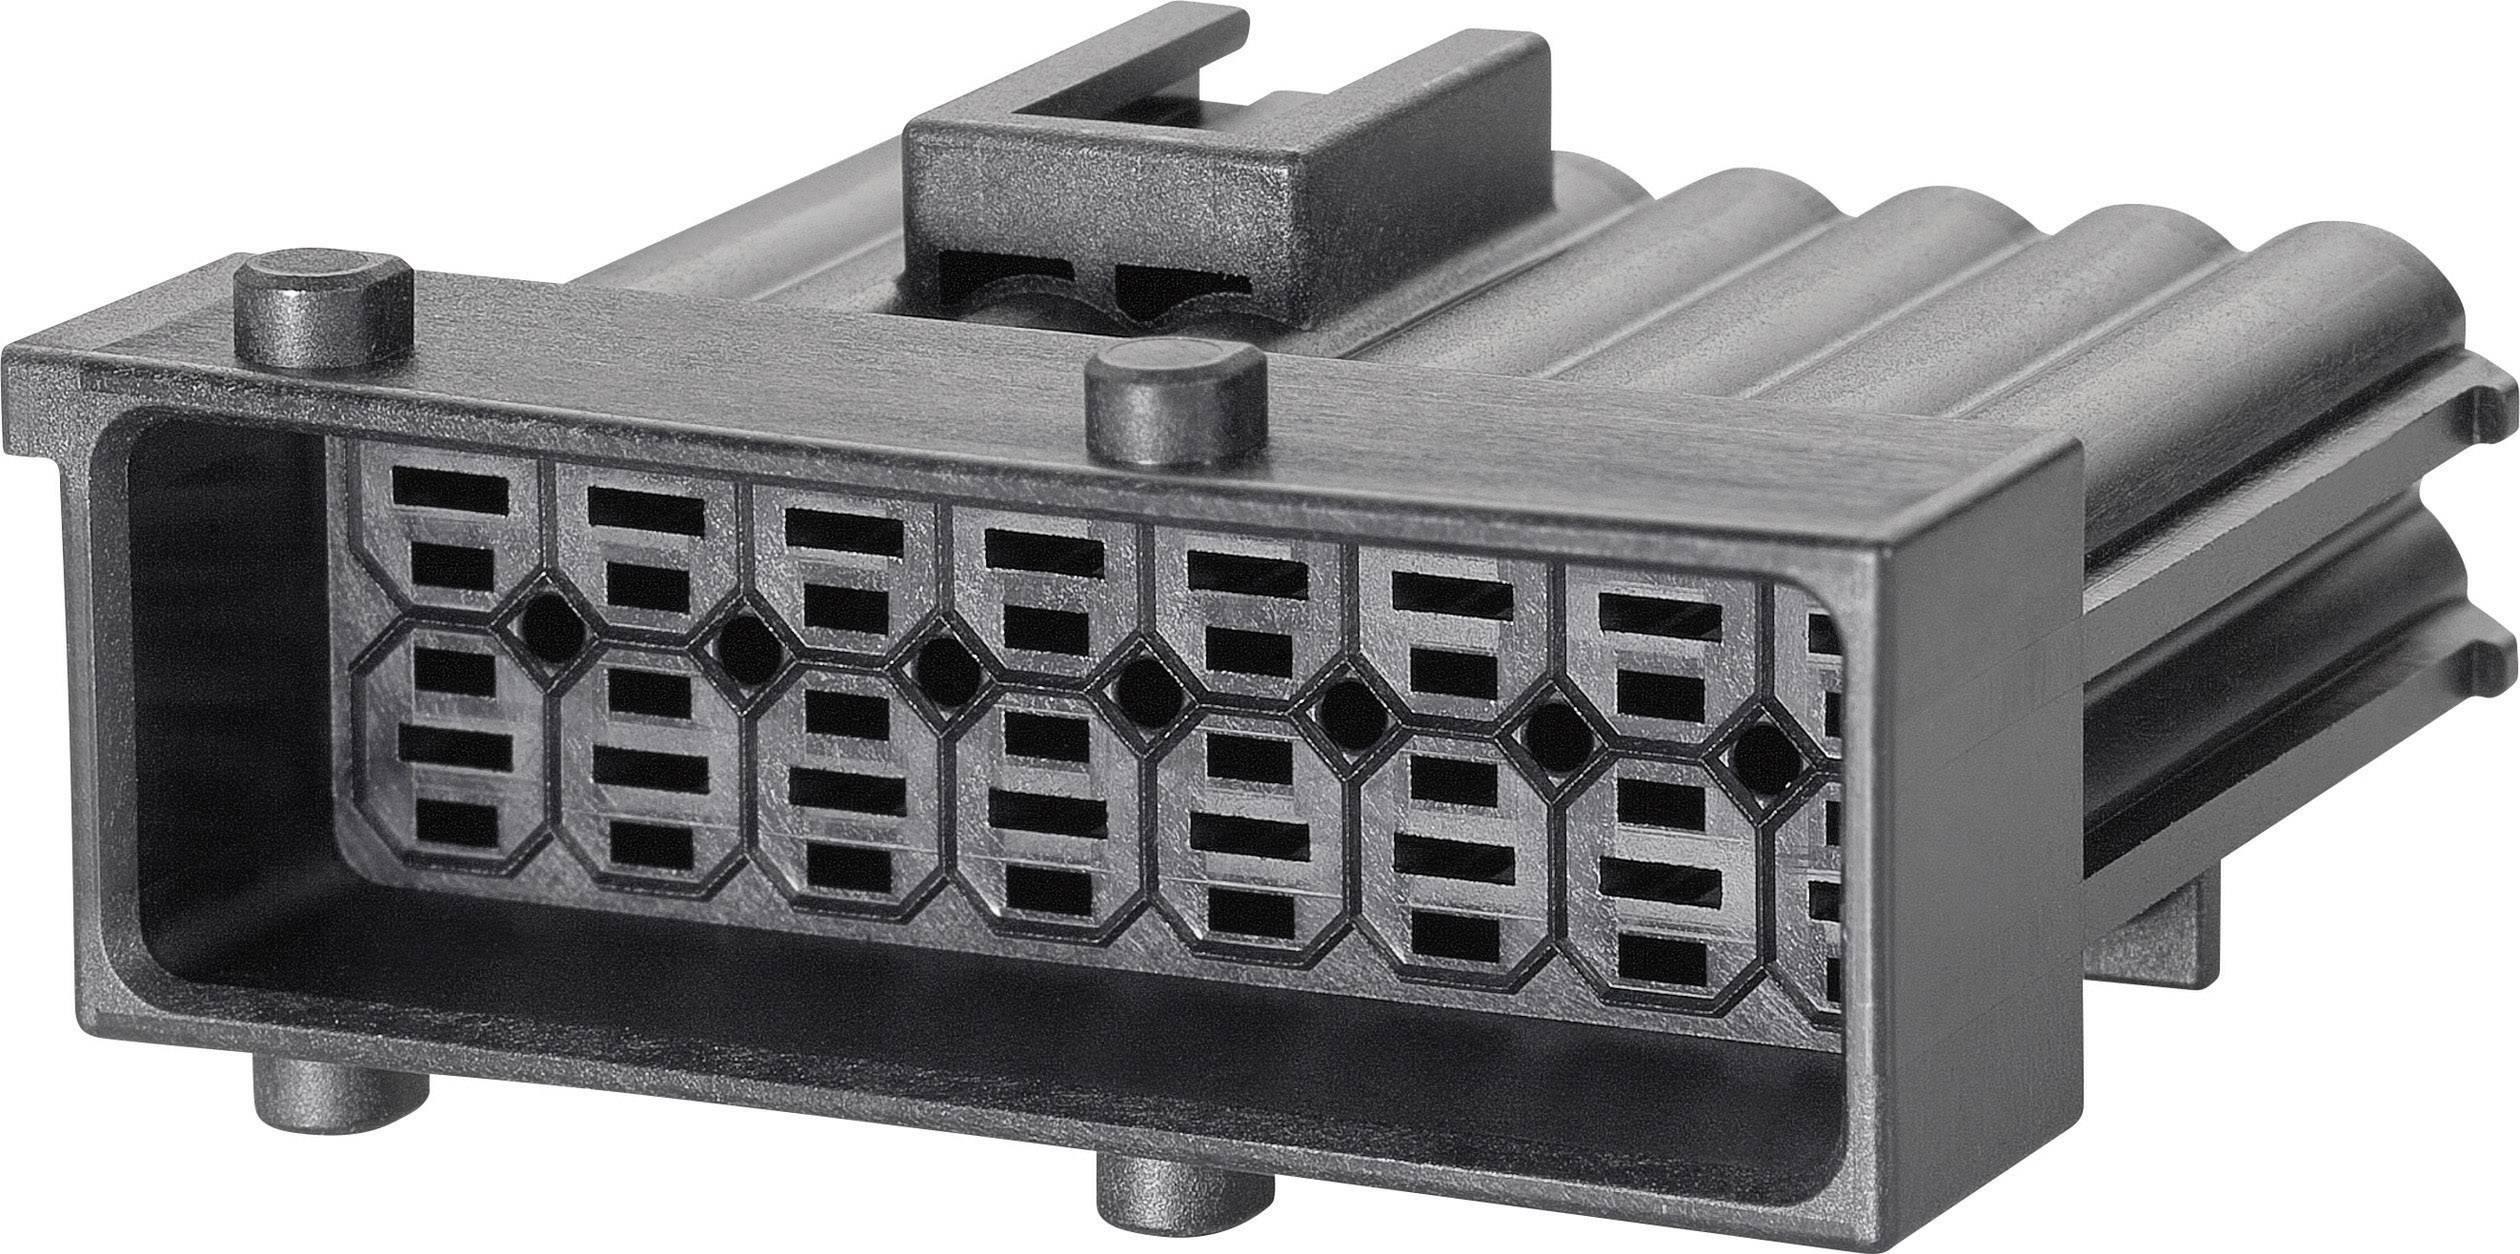 Zástrčkový konektor na kábel TE Connectivity J-P-T 1-965426-1, 38 mm, pólů 6, rozteč 5 mm, 1 ks